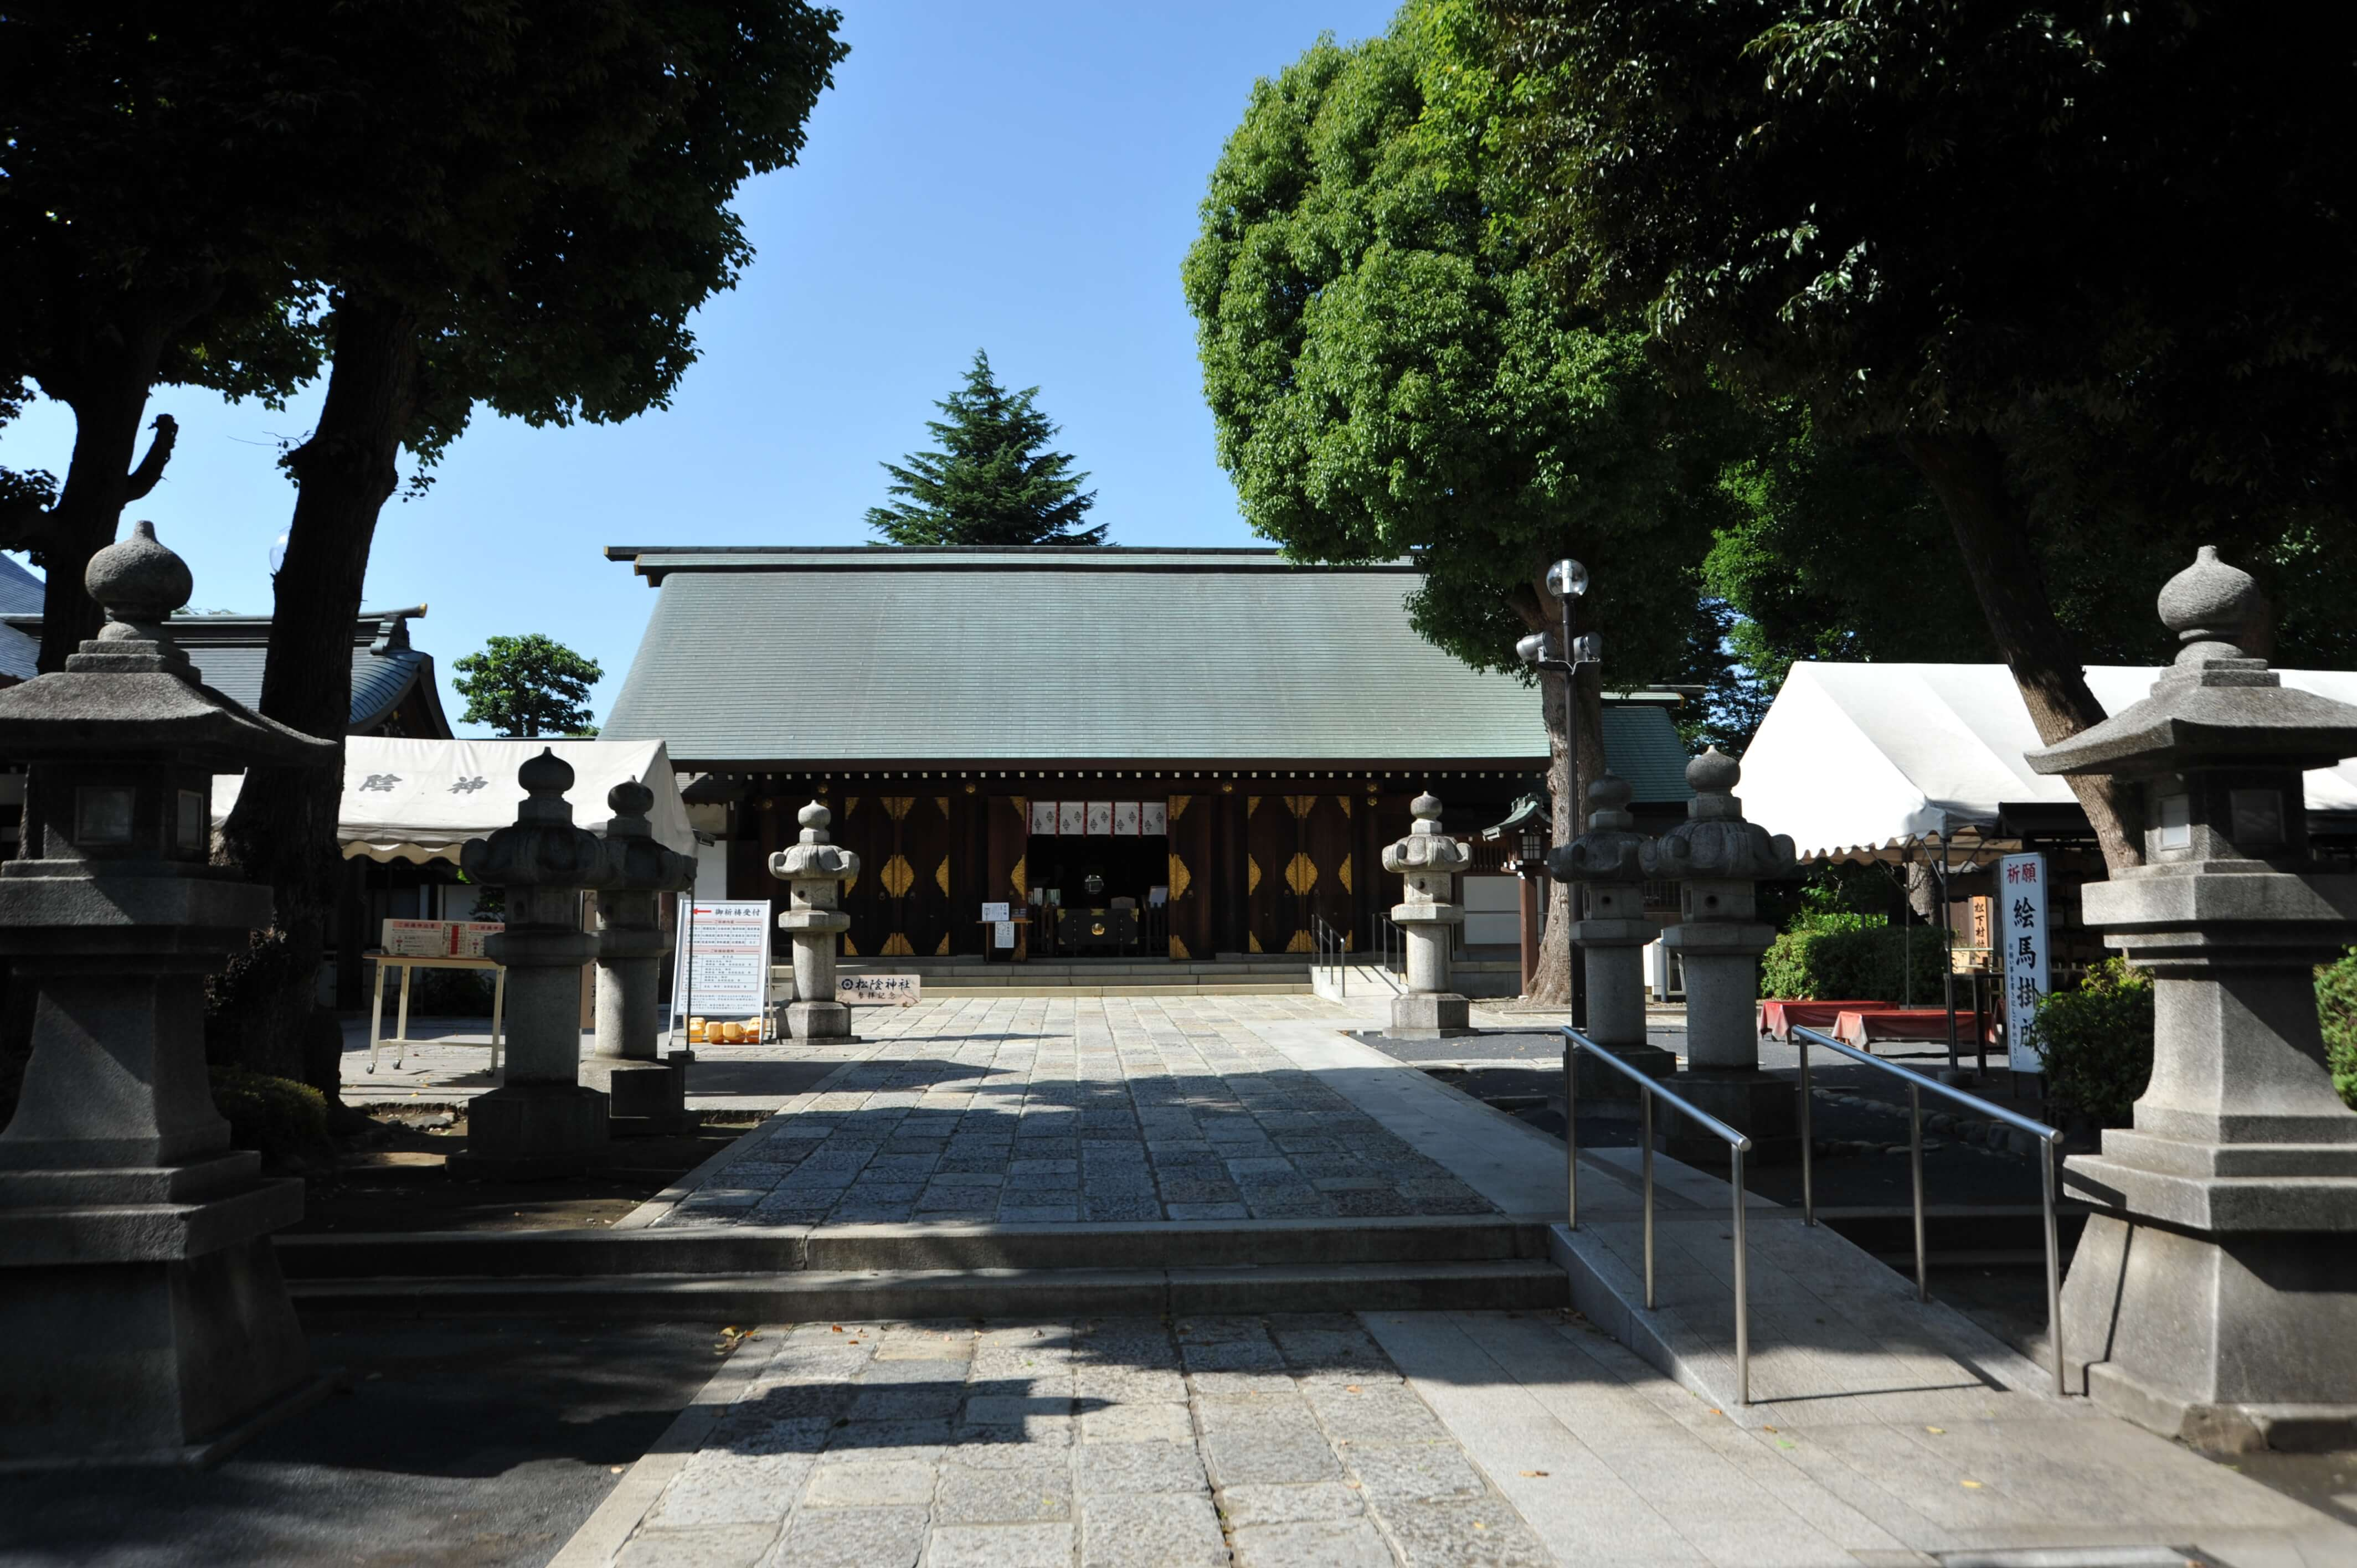 Photo of Khám phá Nhật Bản cùng du học sinh: Đền Shoin, nơi tìm hiểu về lịch sử Nhật Bản và cách viếng đền